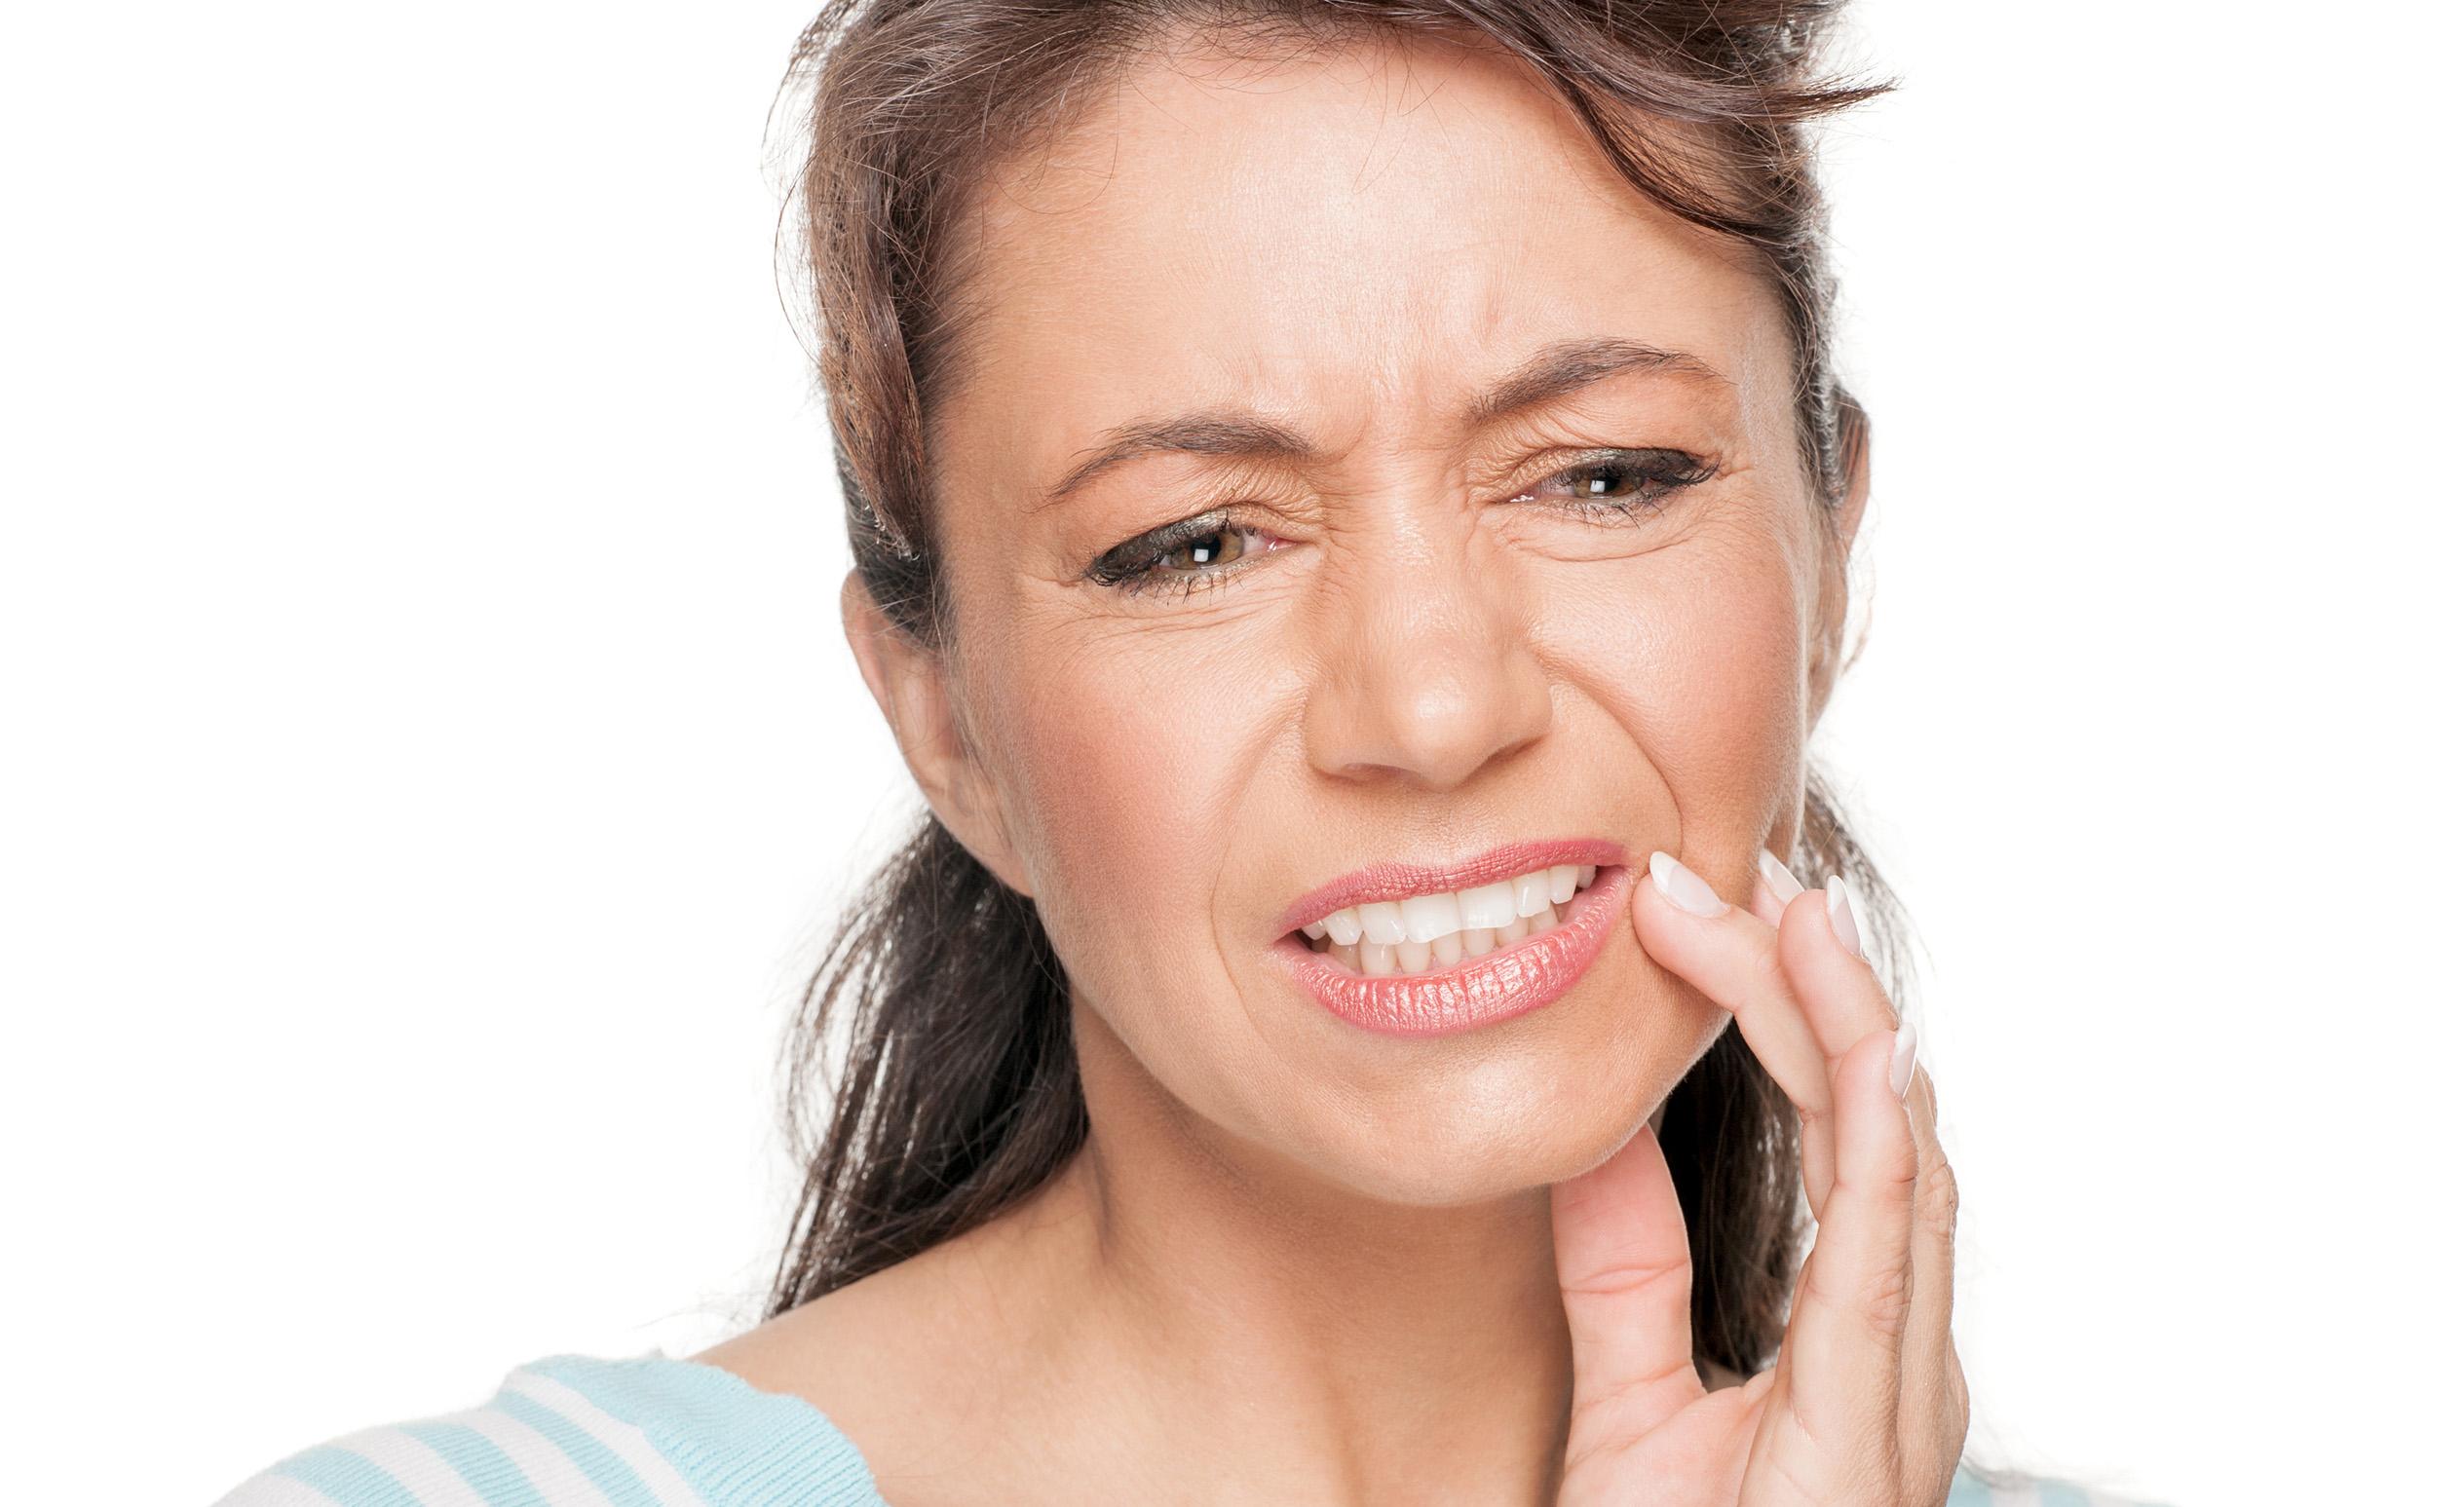 Eine Frau hält sich die Hand auf dem Gesicht, weil ihr der Zahn sehr schmerzt.